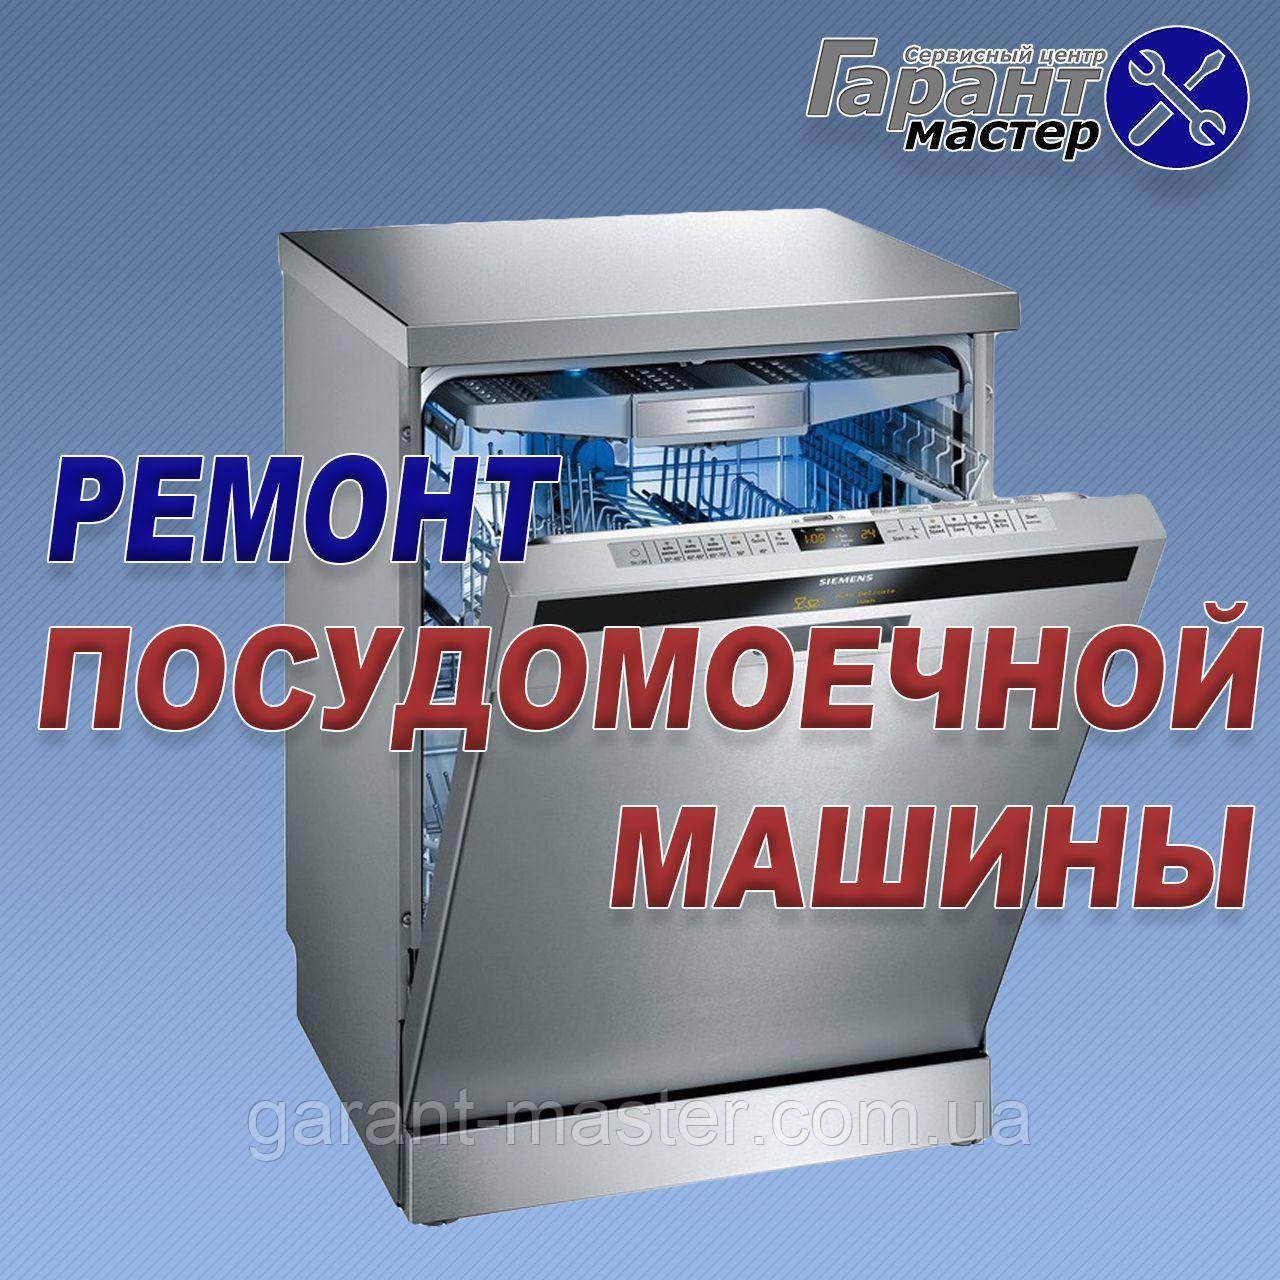 Ремонт посудомоечных машин ELECTROLUX в Днепропетровске